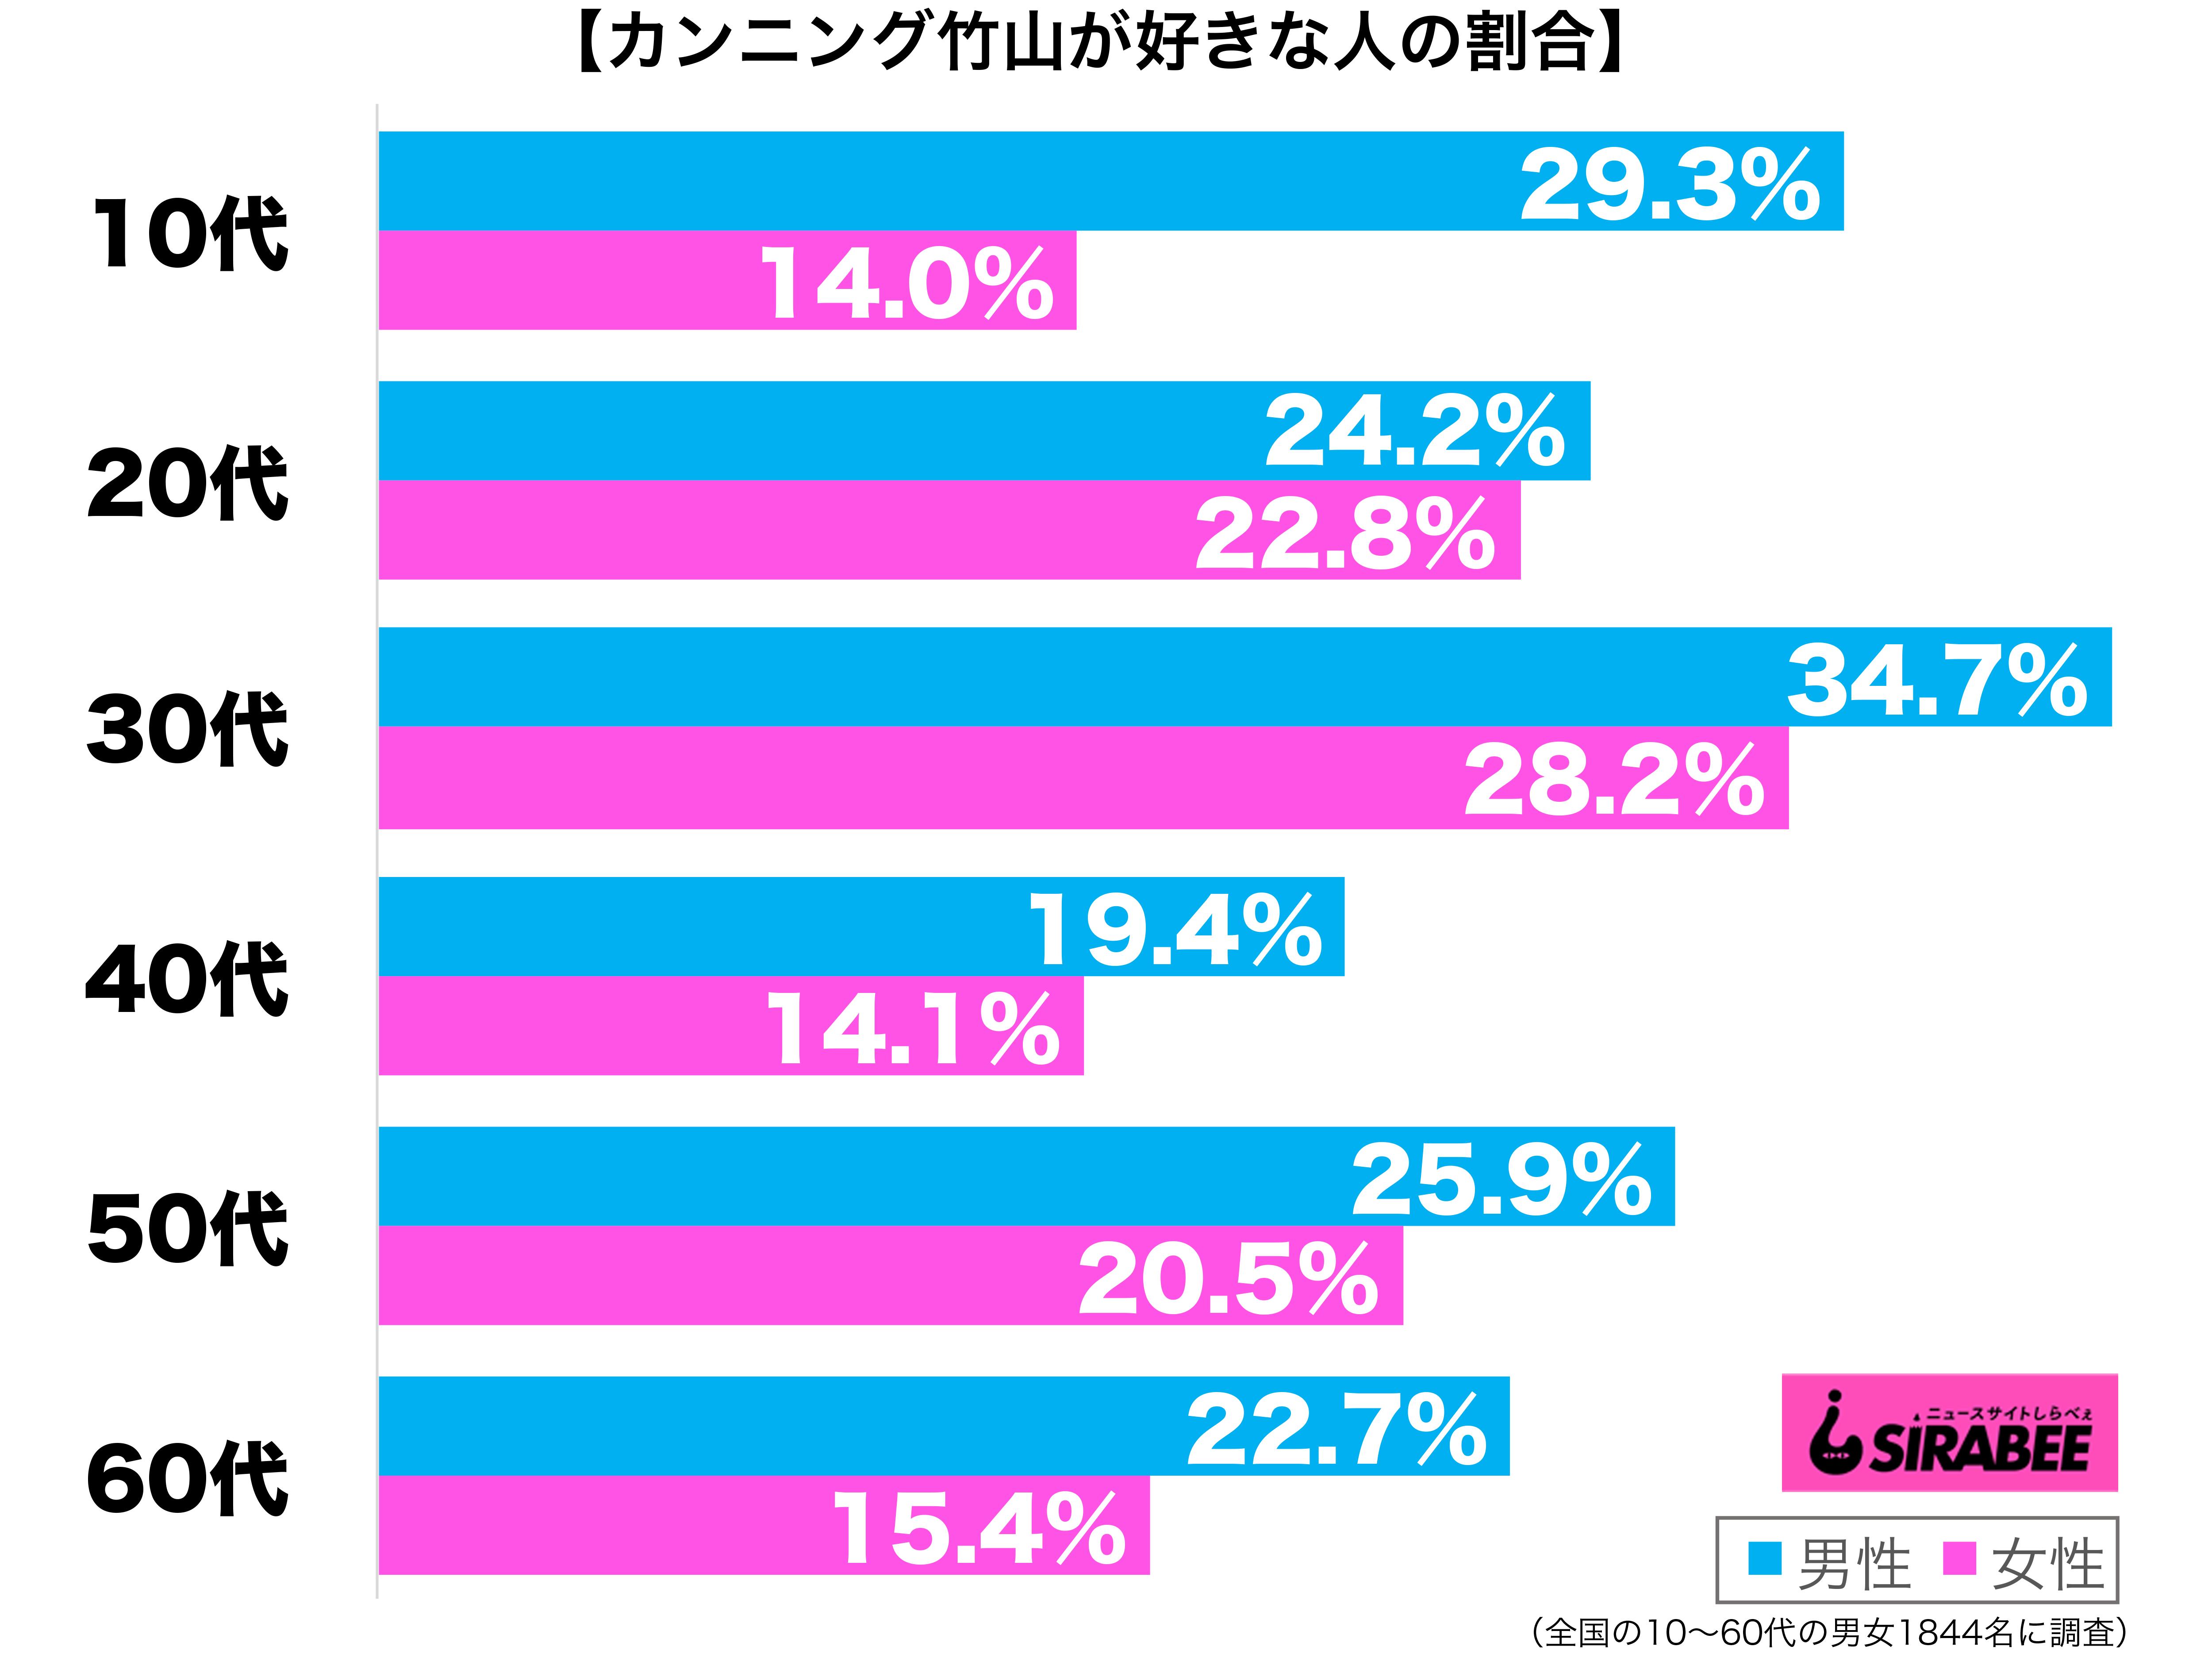 カンニング竹山が好き性年代別グラフ